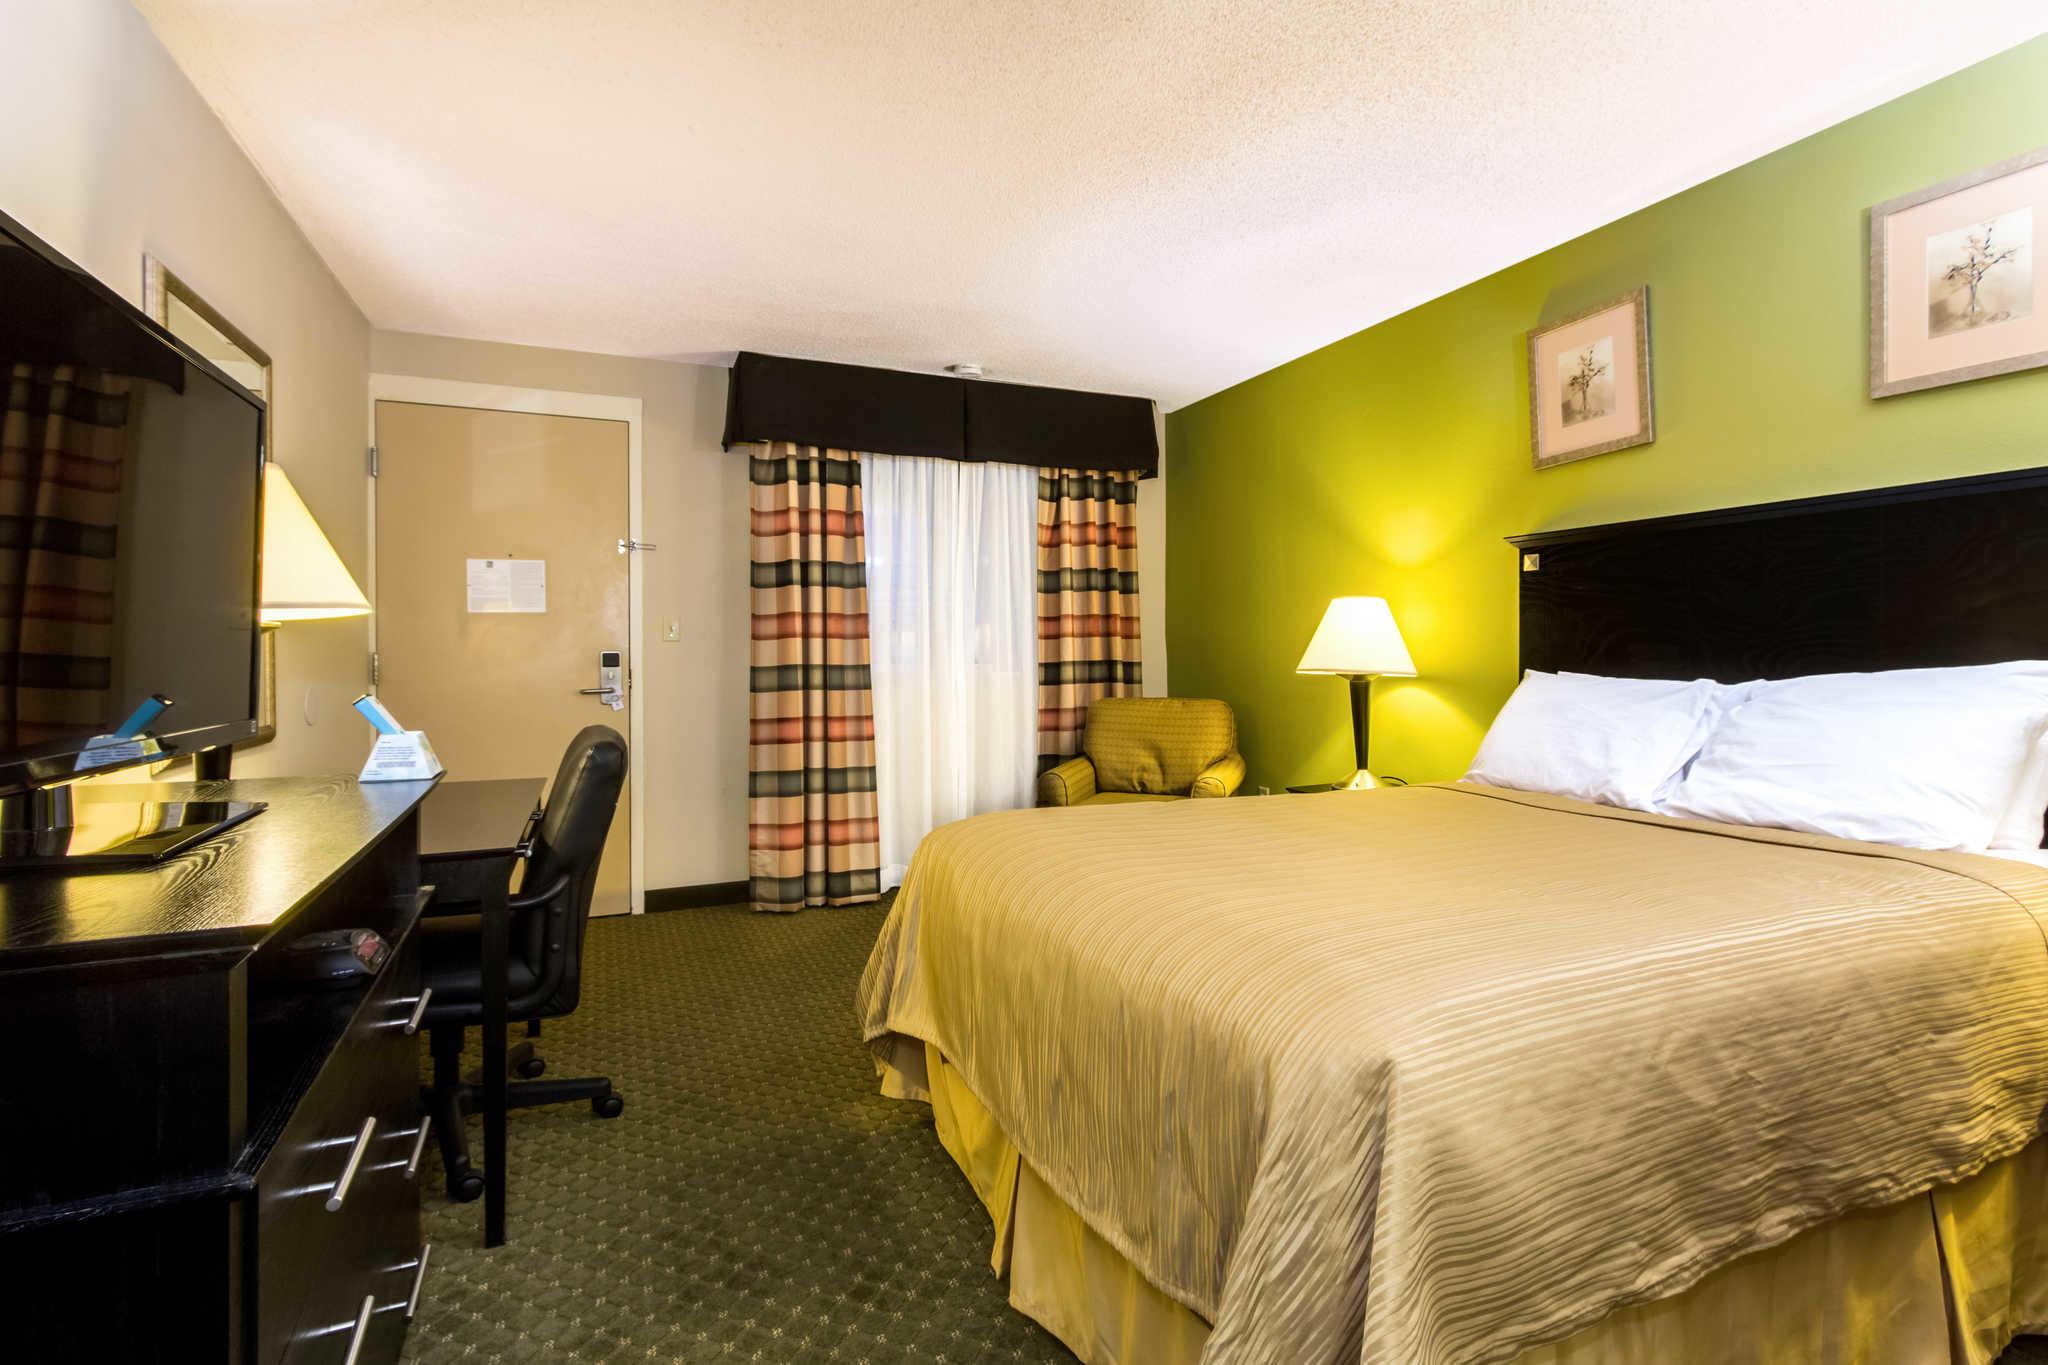 Quality Inn & Suites Moline - Quad Cities image 10